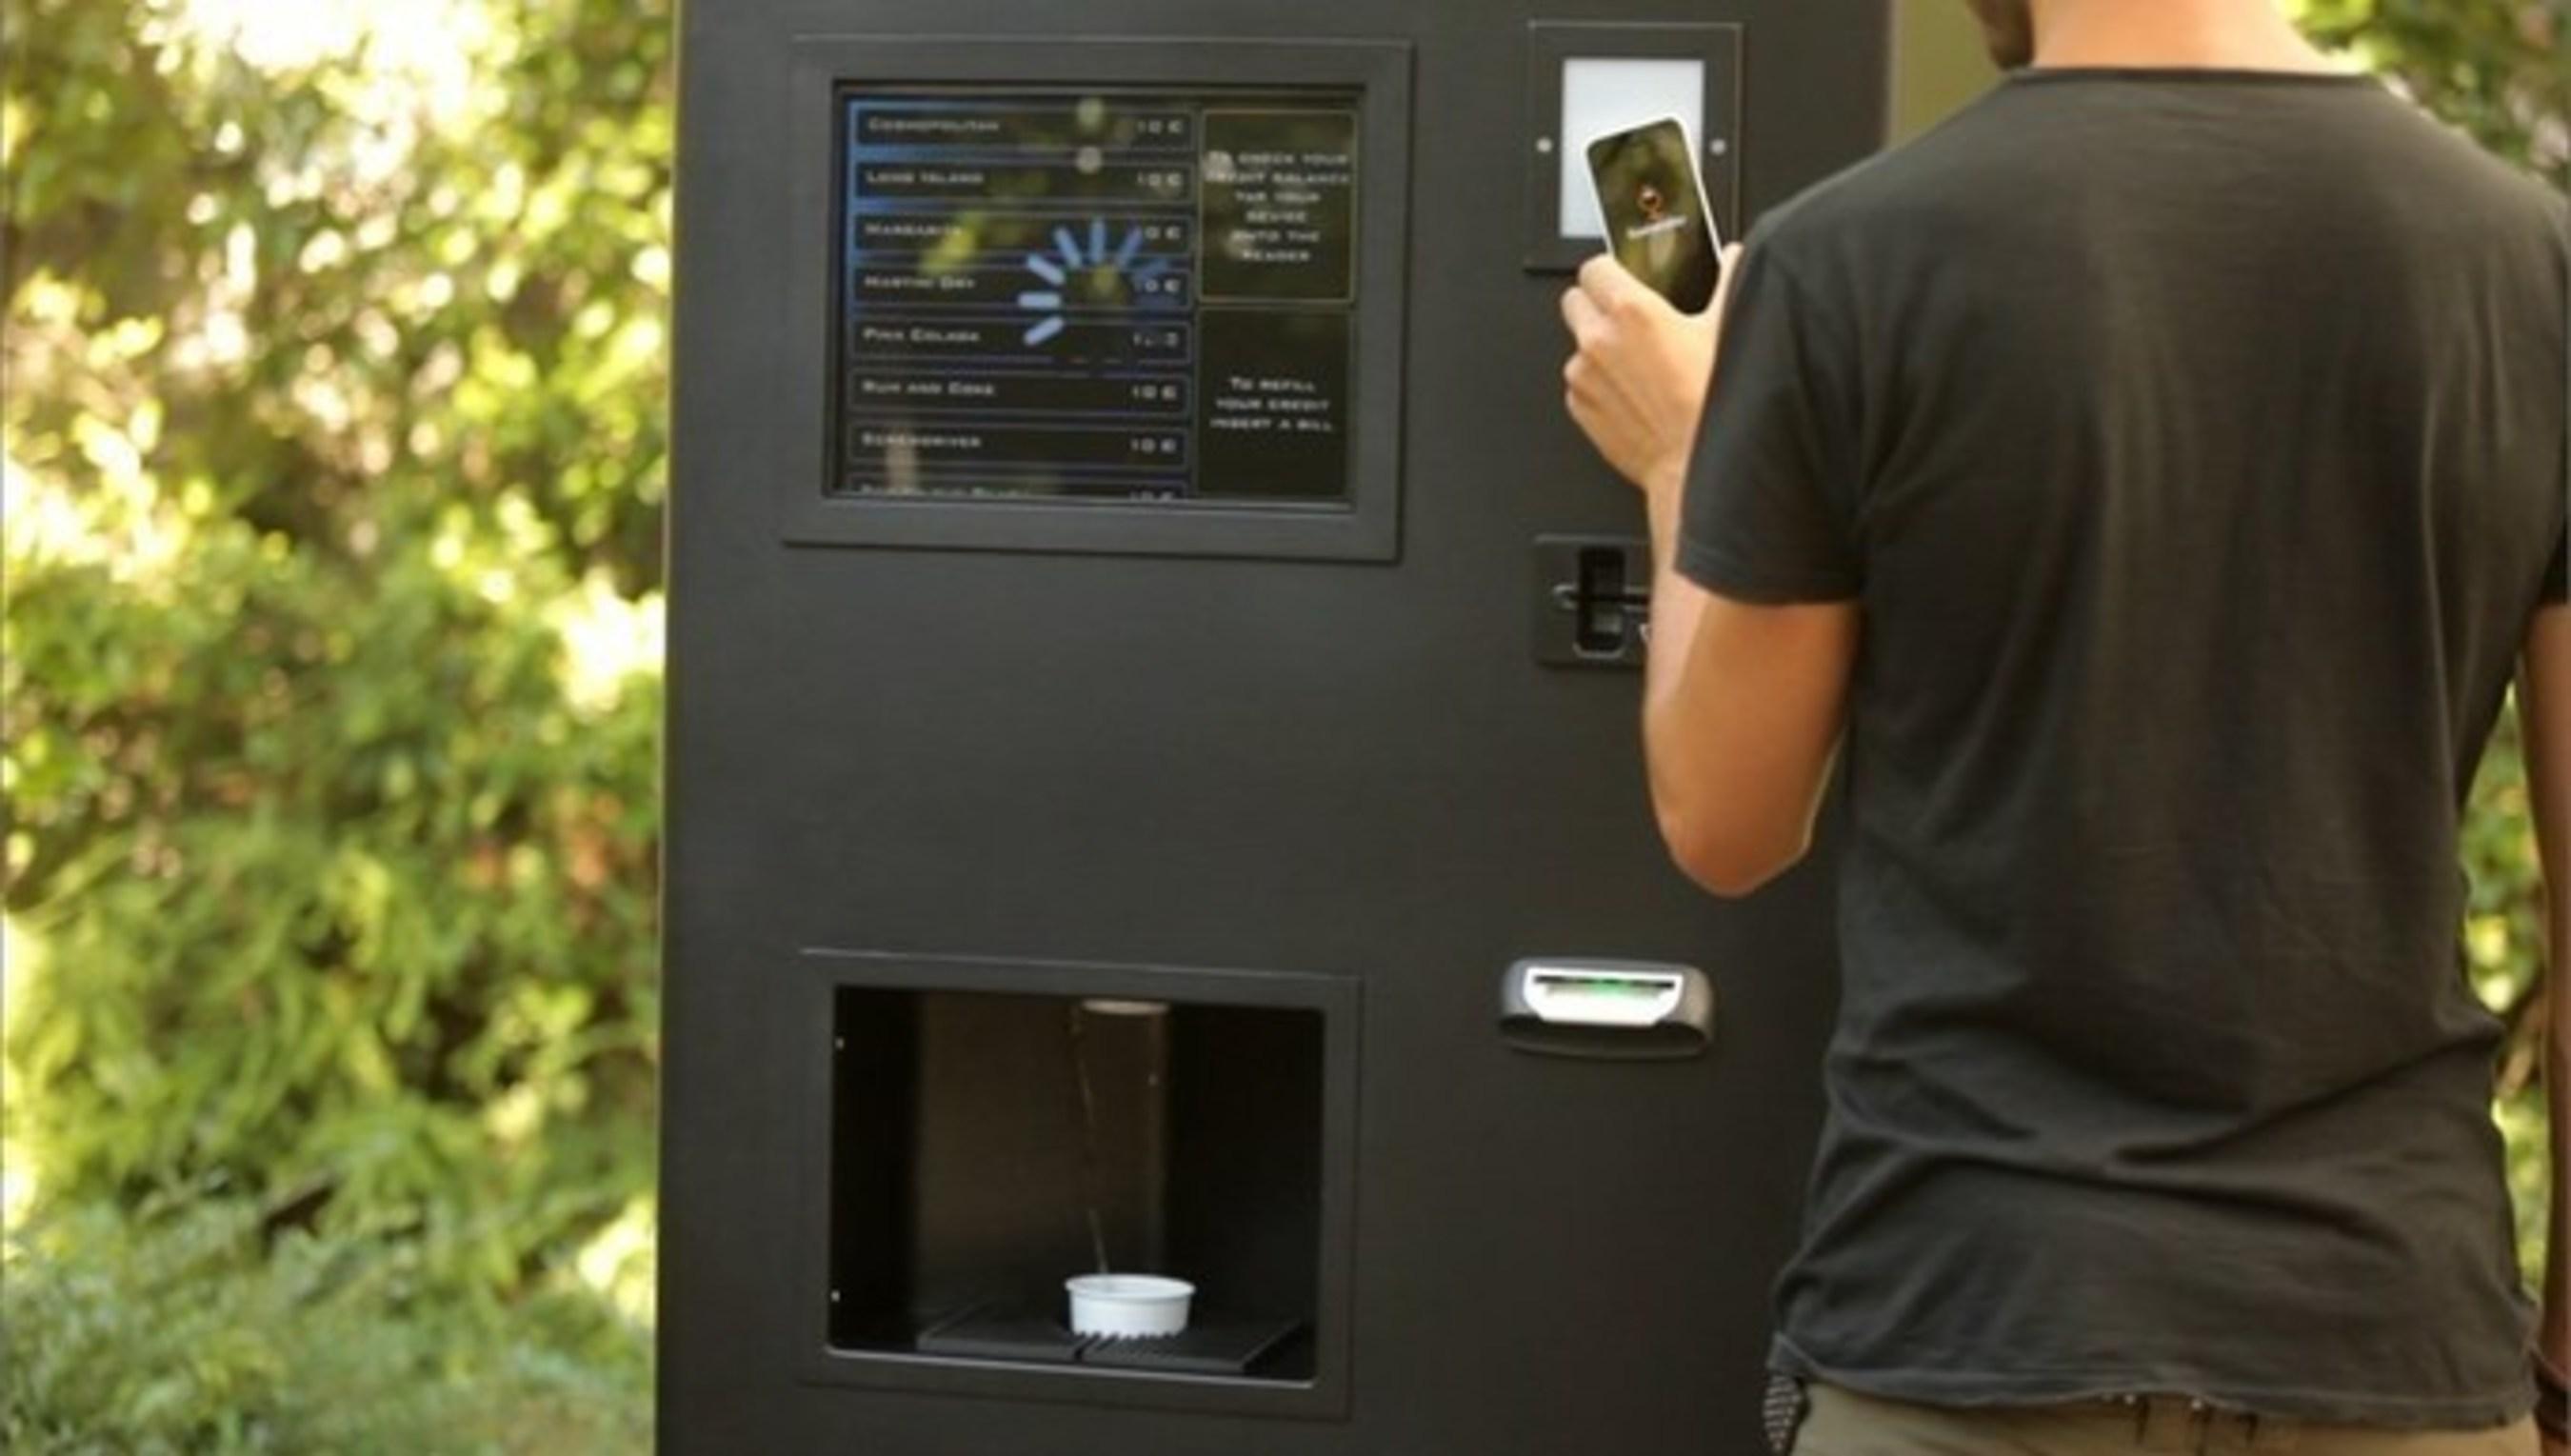 Foxtender Announces Kickstarter Offering the World's First Automatic Bar Station